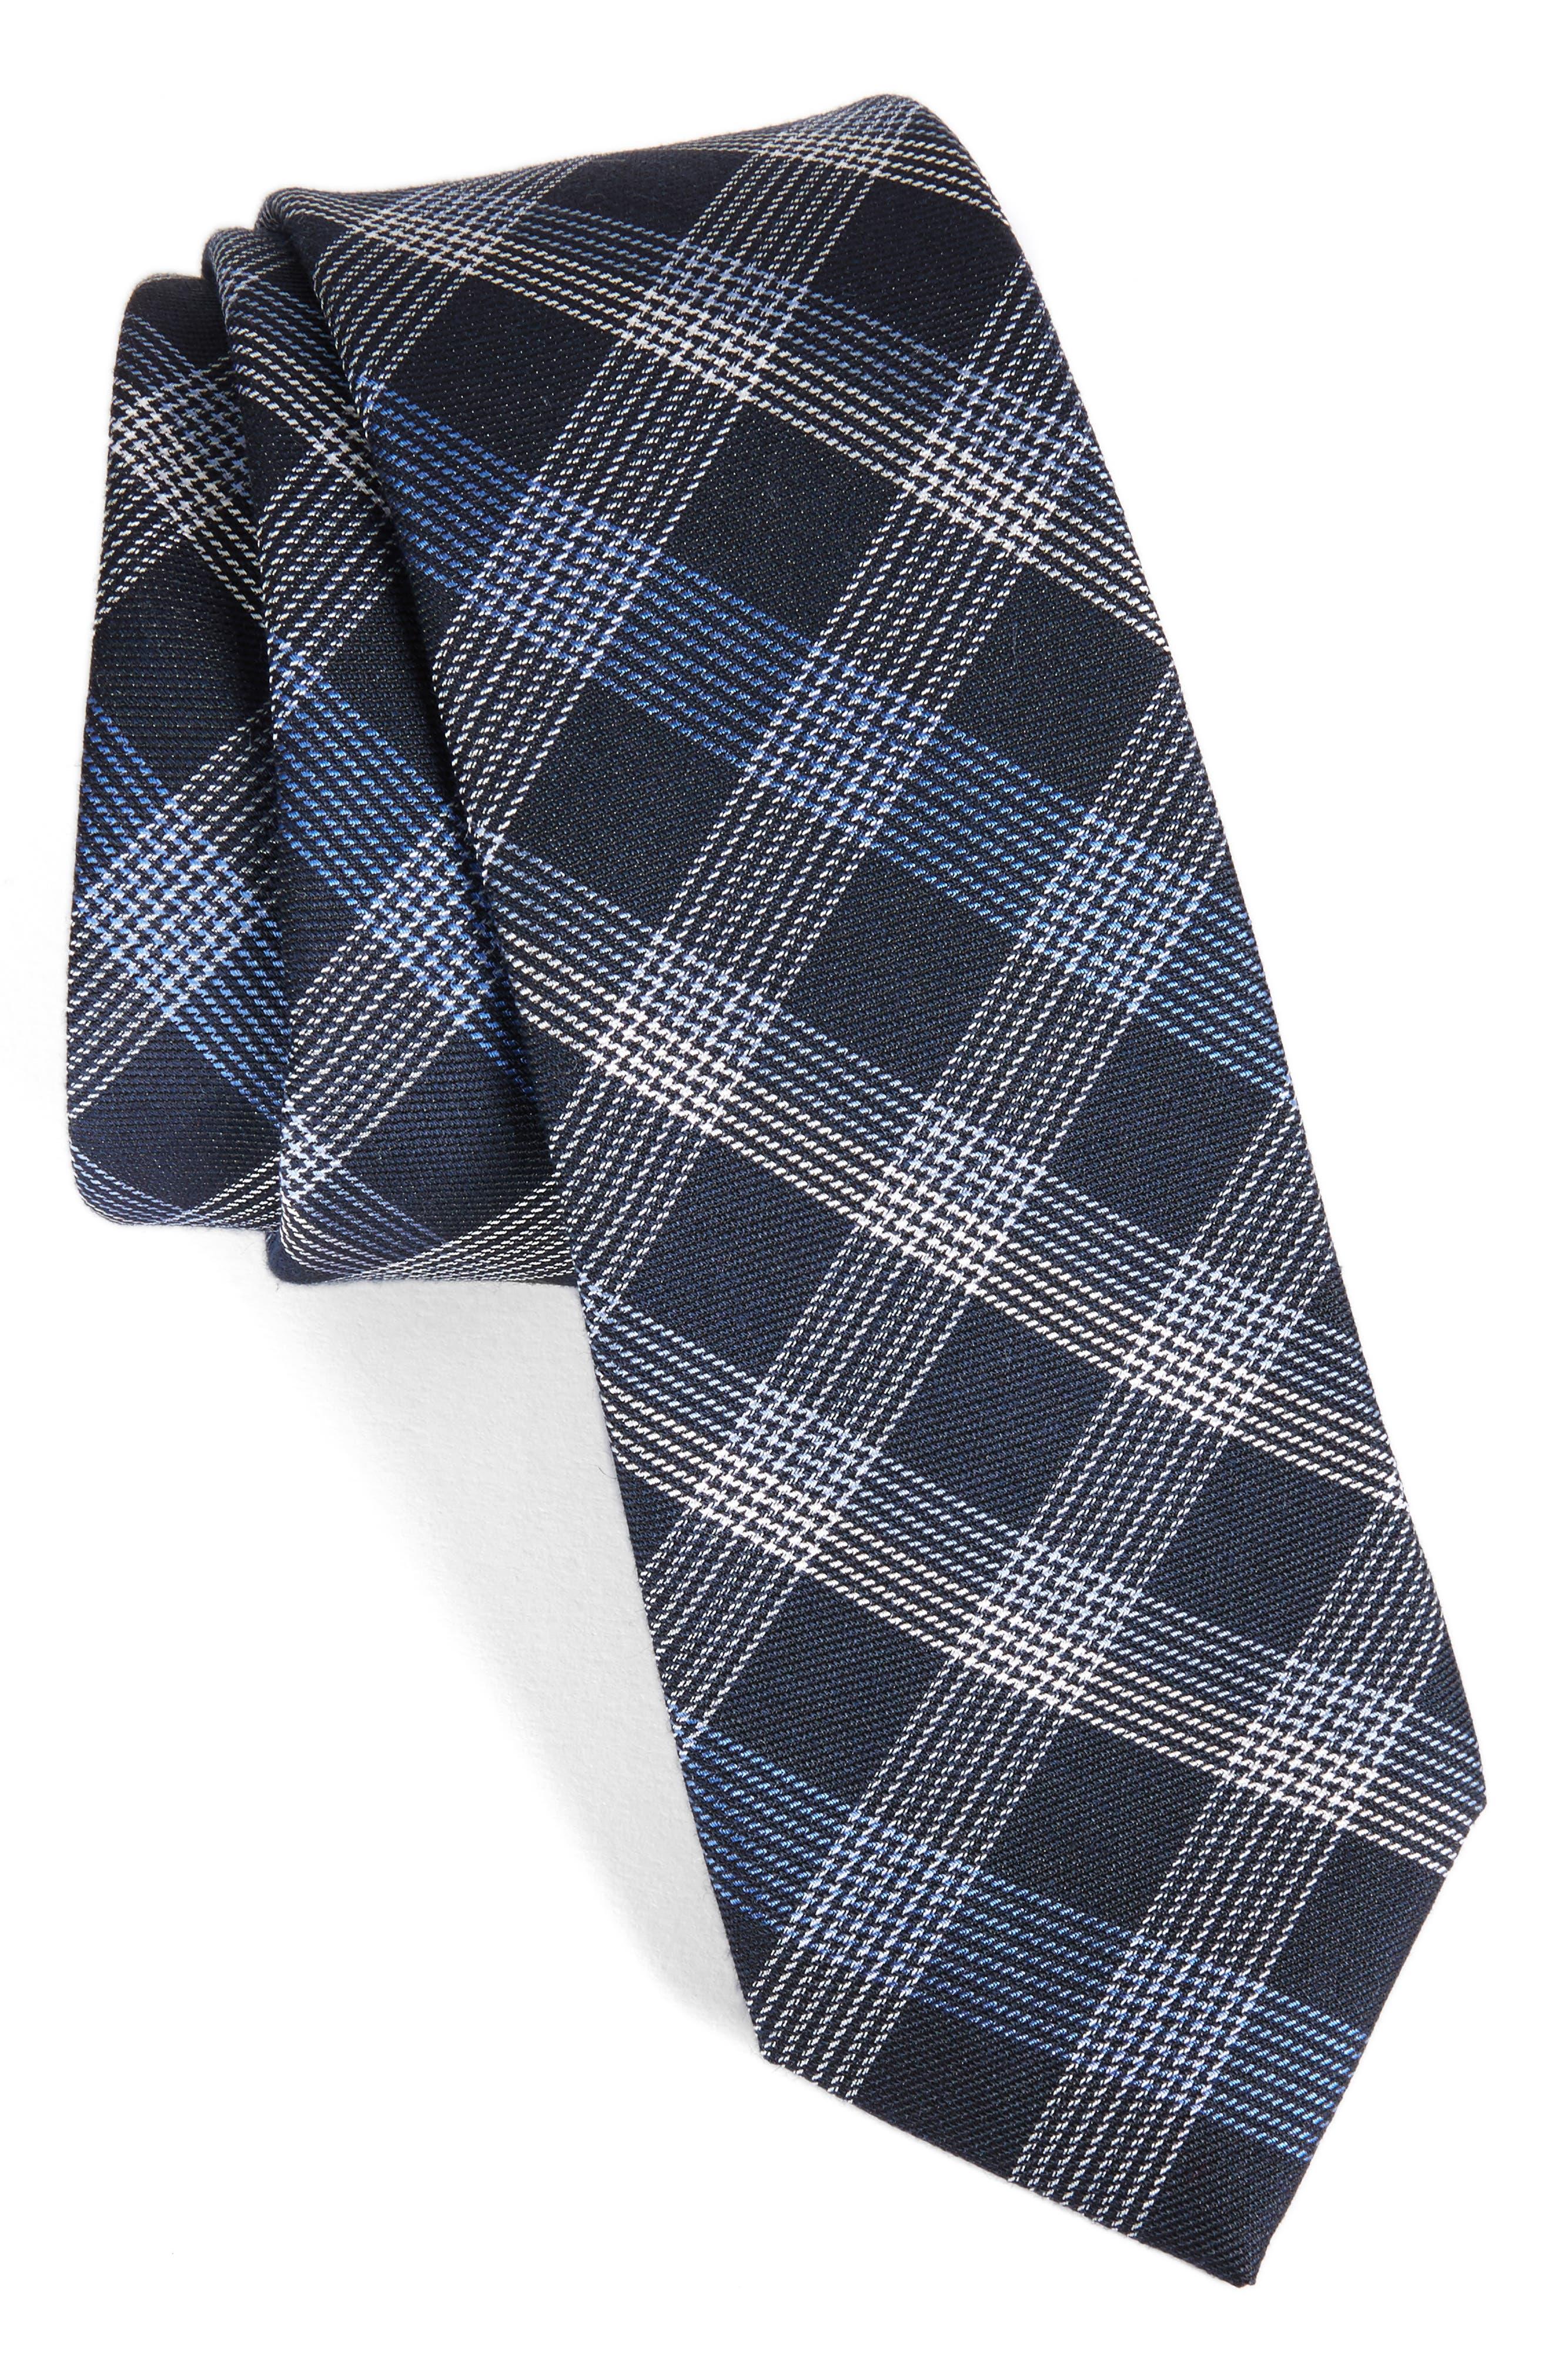 Indigo Plaid Silk Tie,                         Main,                         color, Blue